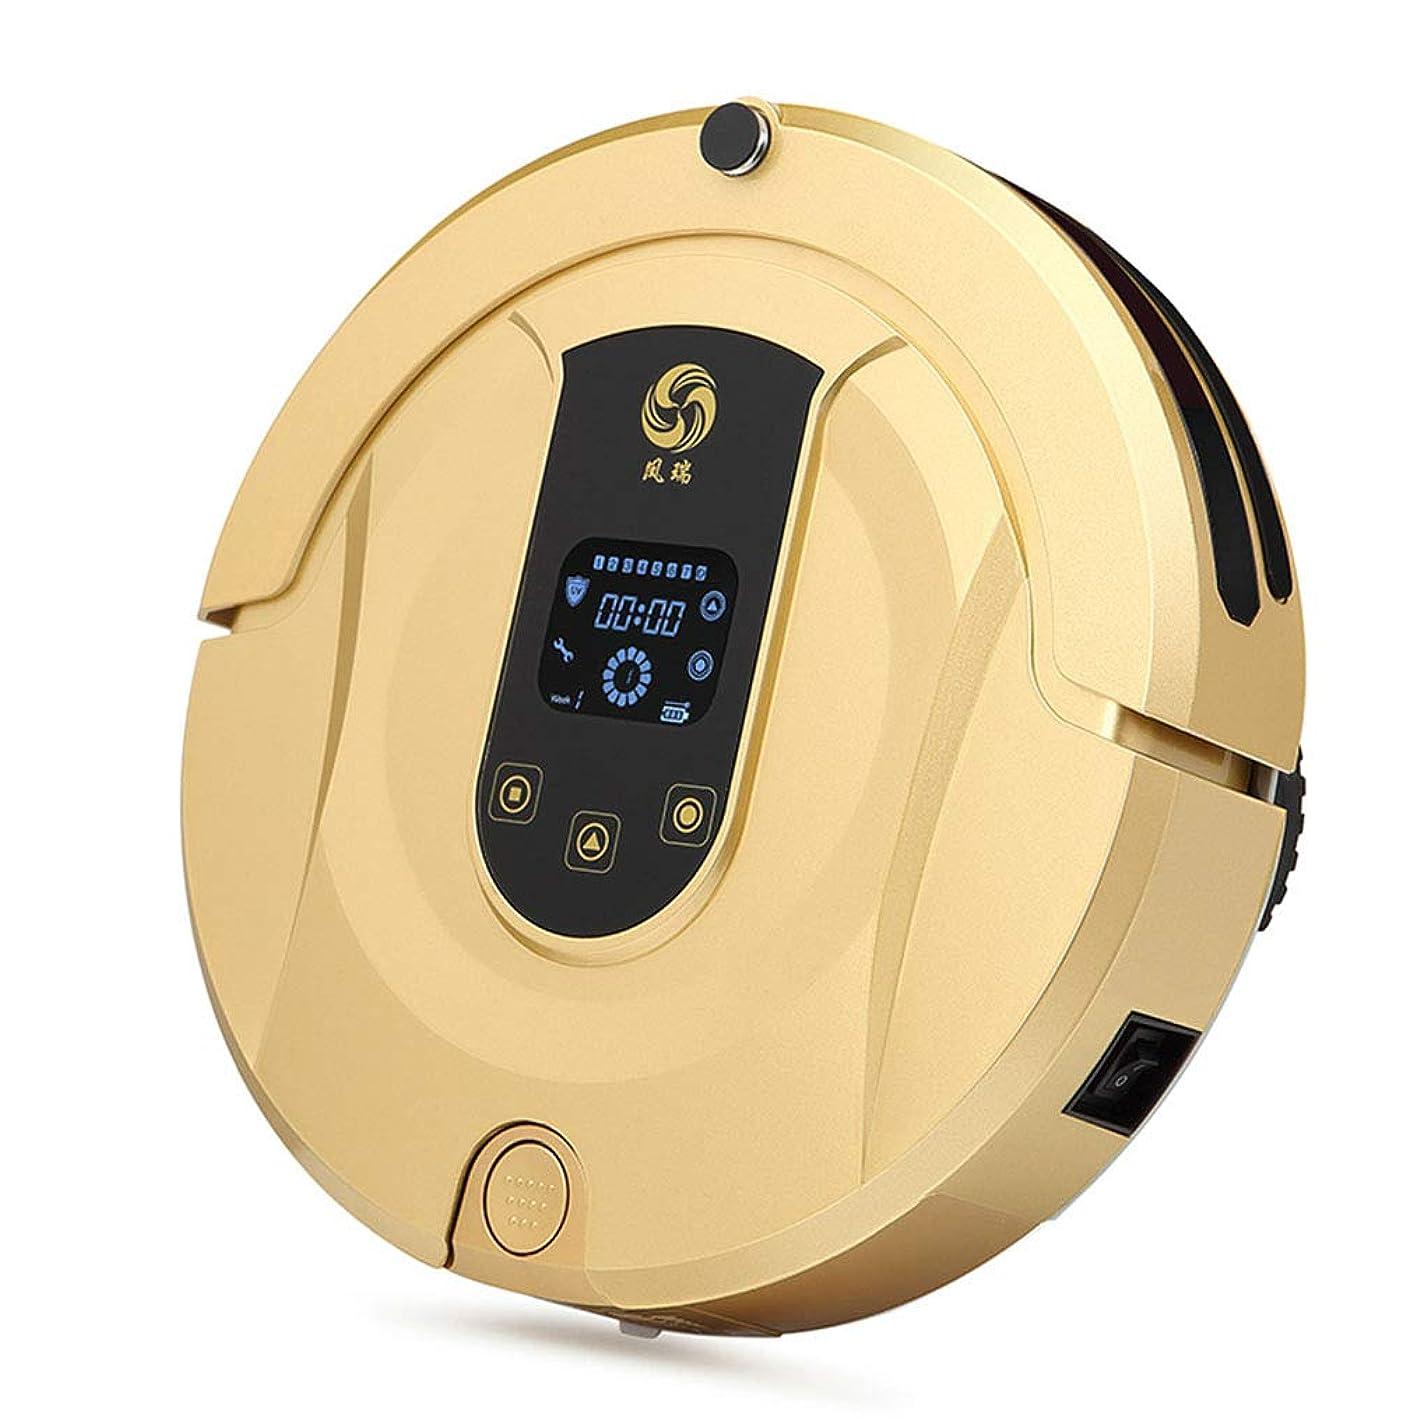 ええラフ睡眠爬虫類調整可能 ロボット掃除機アプリ制御スマート自己充電ロボット掃除機、広葉樹床カーペットタイルペットヘアケア用自動掃除機 リラックス, Gold